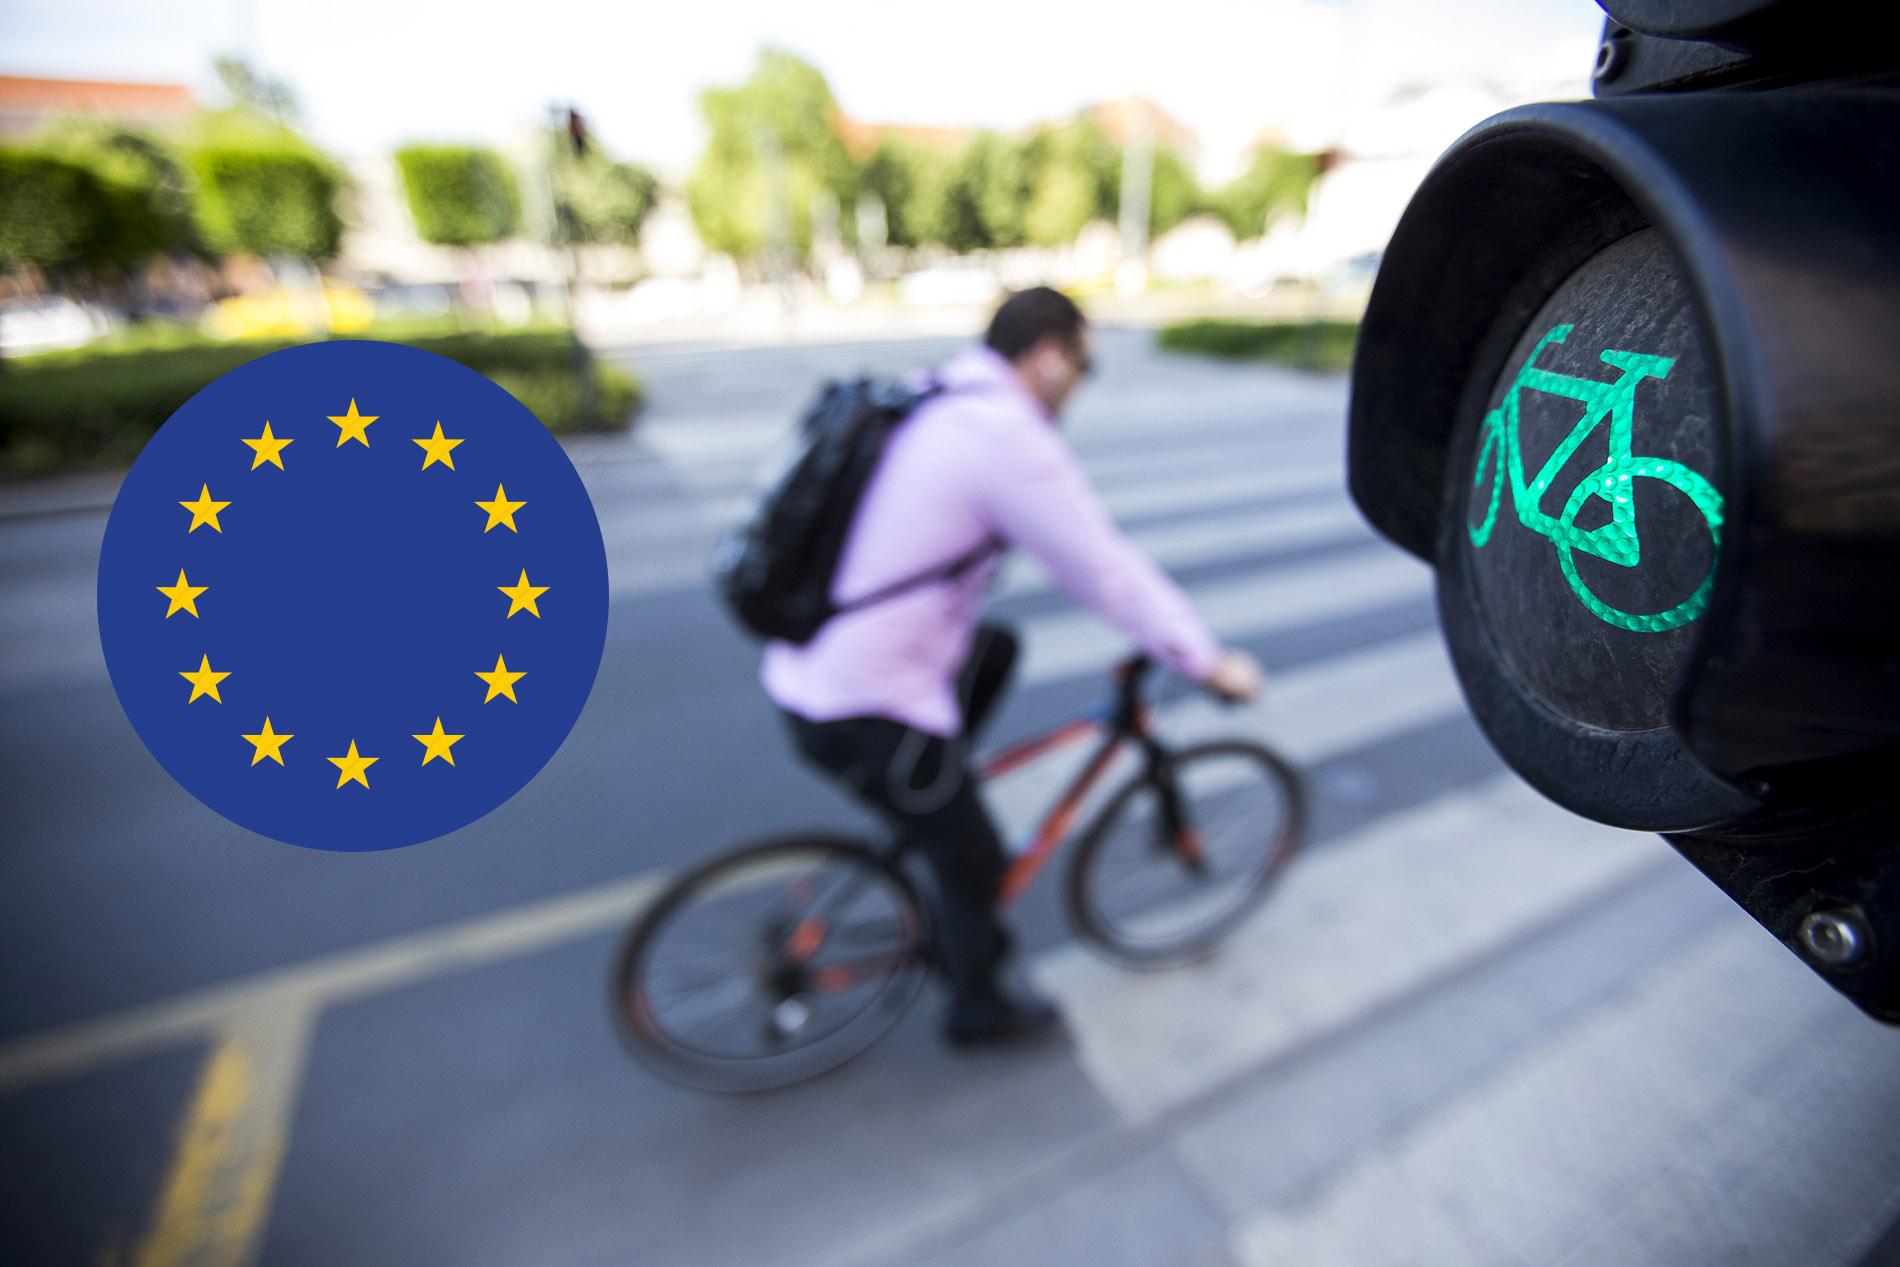 Megkérdeztük az Európai Parlament képviselőjelöltjeit, mit tennének a kerékpározásért